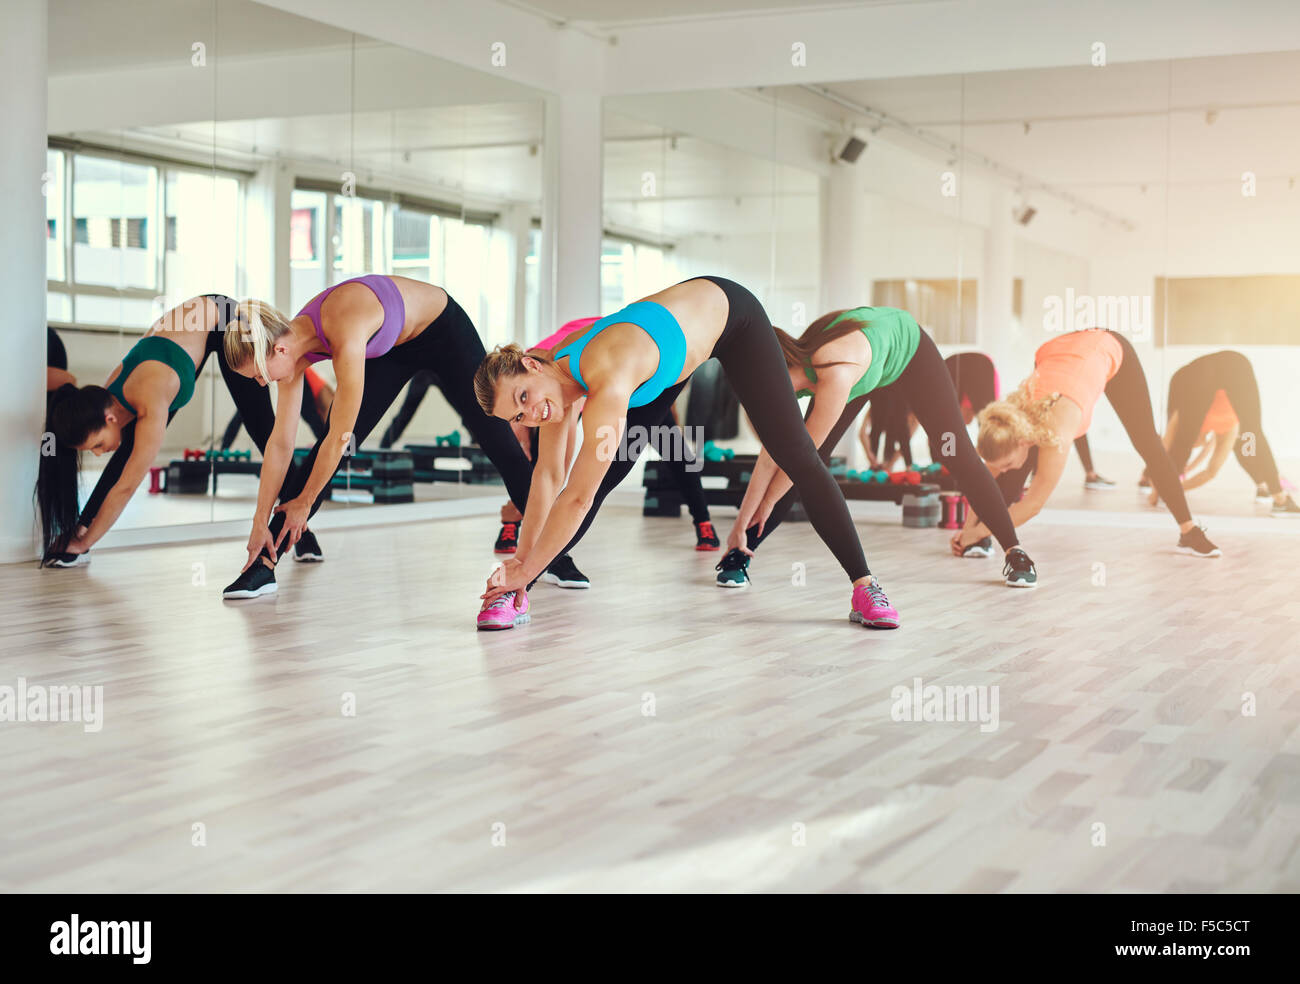 Grupo de mujeres en telas coloridas en un gimnasio haciendo aerobics o el calentamiento con ejercicios de estiramiento Imagen De Stock